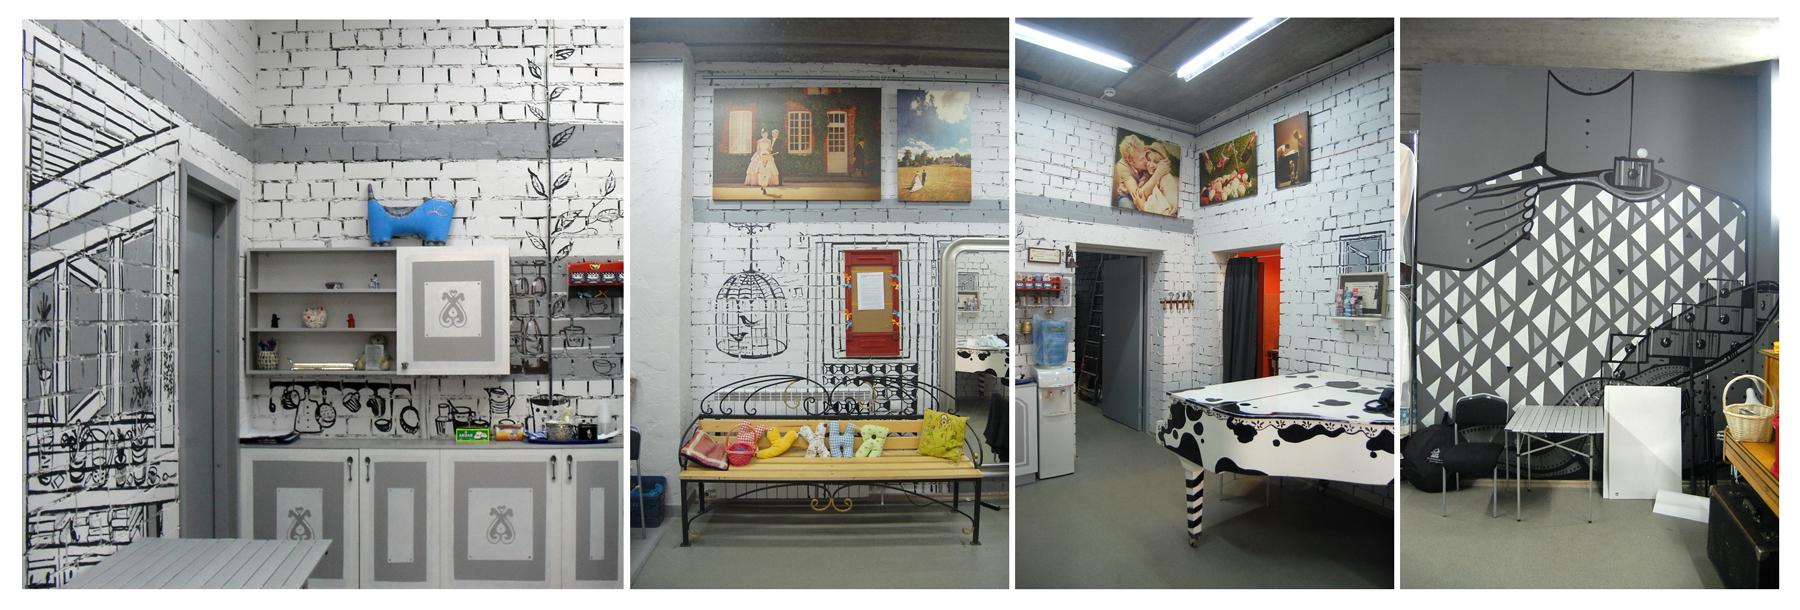 студия для фотосессии с кухней москва детское термобелье колеблется